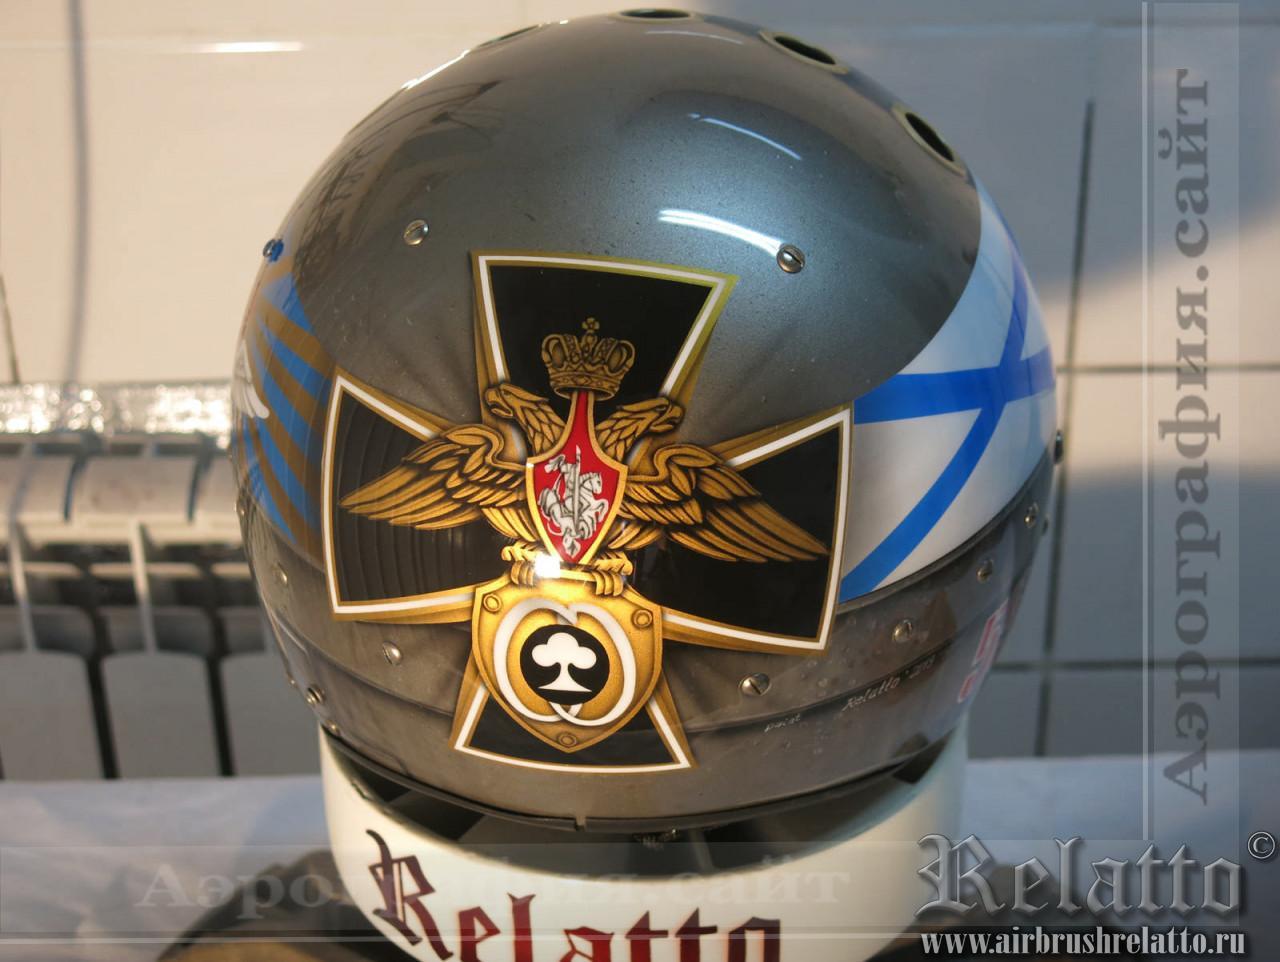 аэрография эмблема ГРУ на шлеме в Белгороде